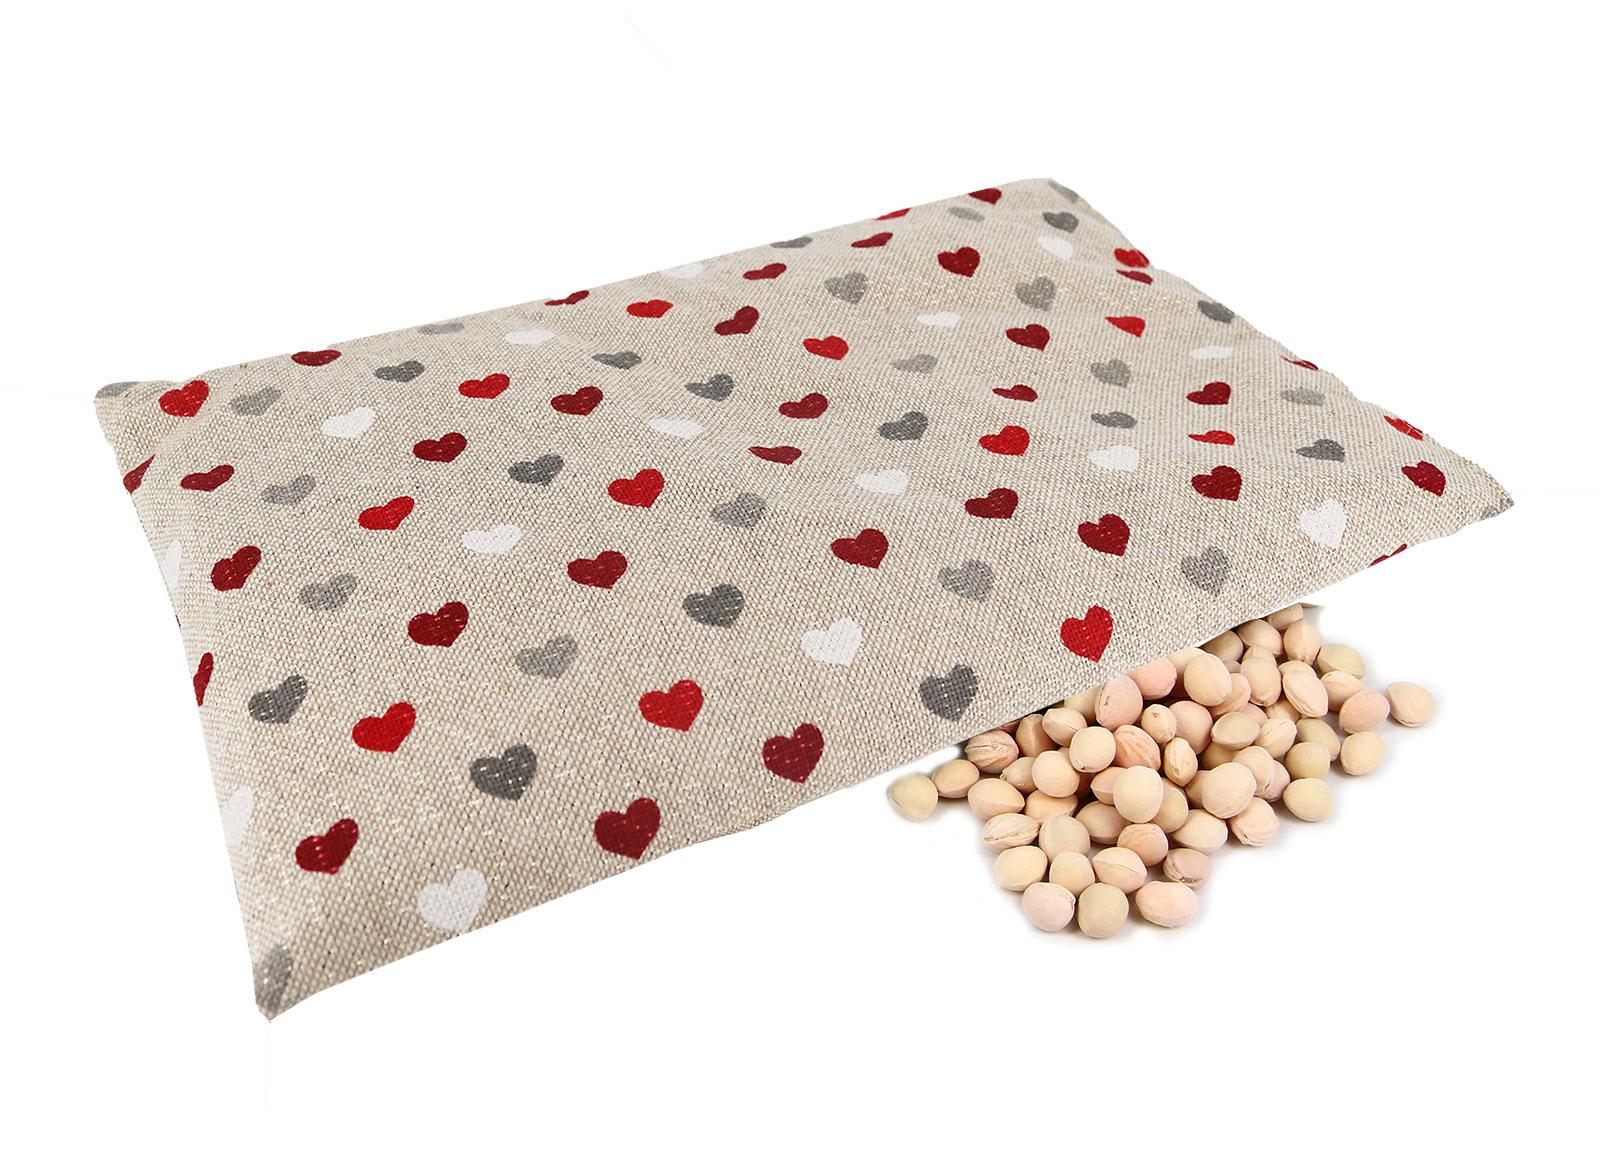 Cuscino con Noccioli di Ciliegio - Cuori Rossi